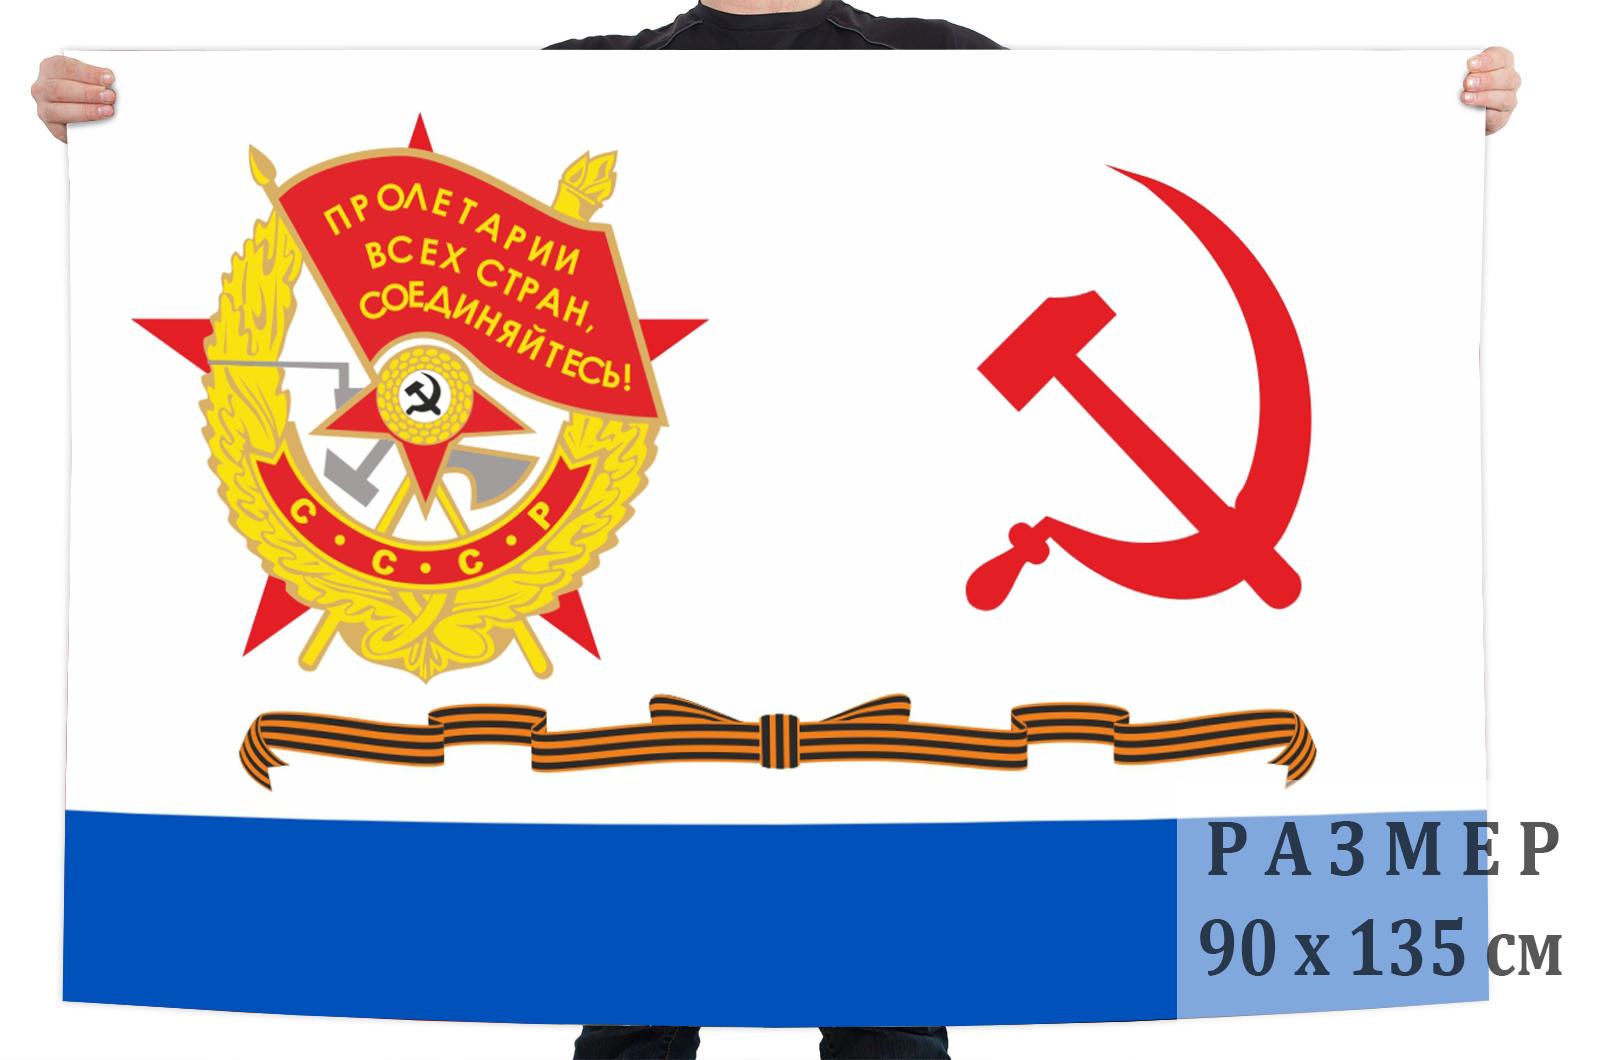 Гвардейский краснознамённый флаг ВМФ СССР